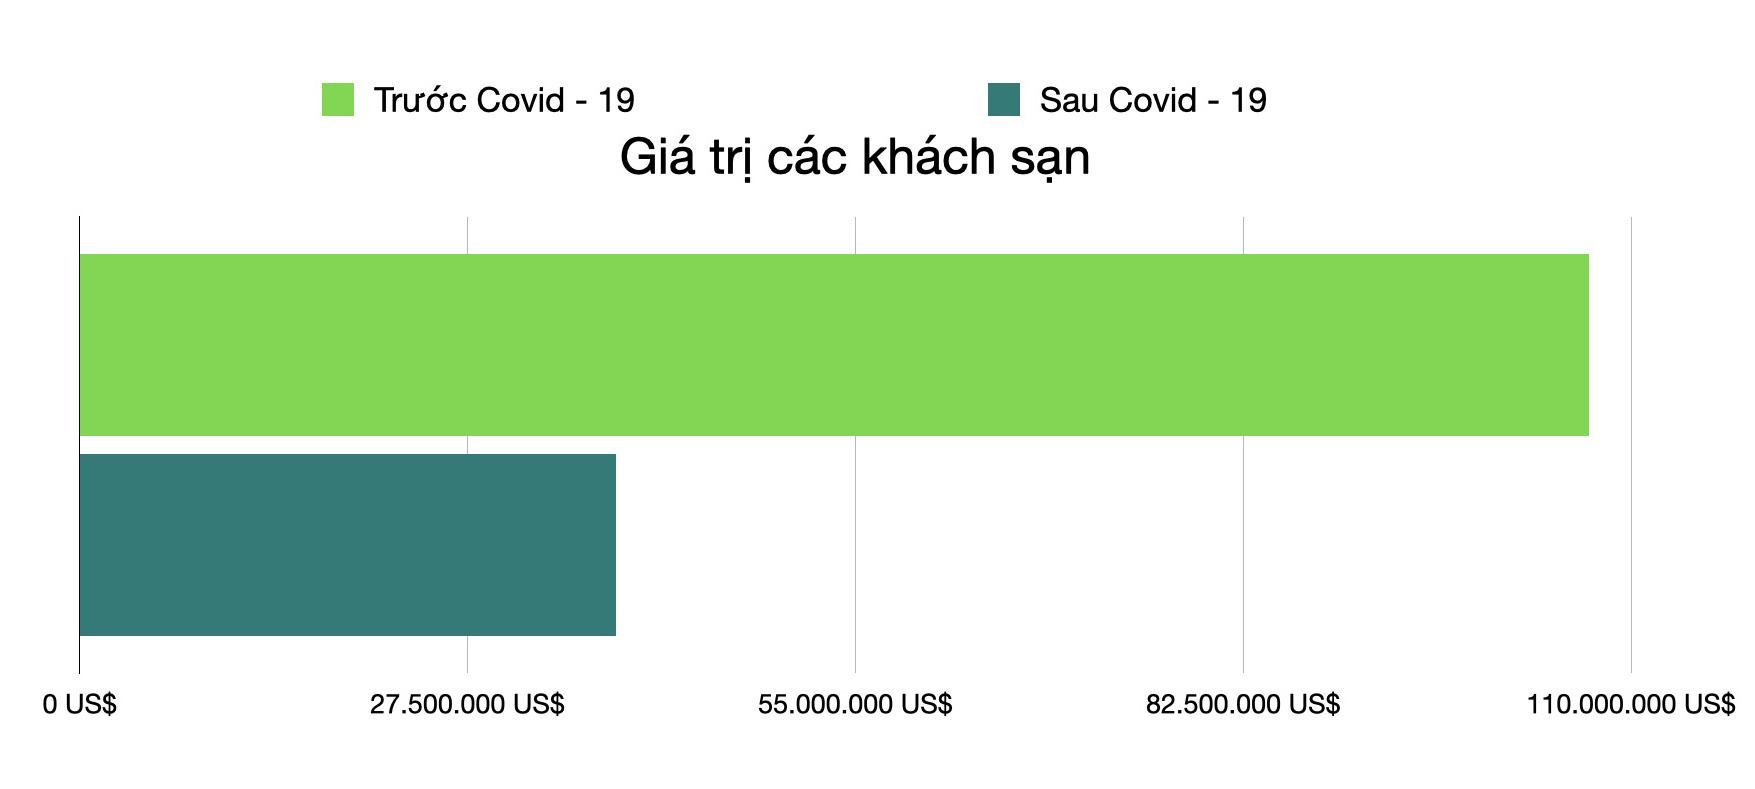 Mất hàng tỉ USD vì Covid - 19, ông Trump rời top 1.000 người giàu nhất thế giới - Ảnh 4.